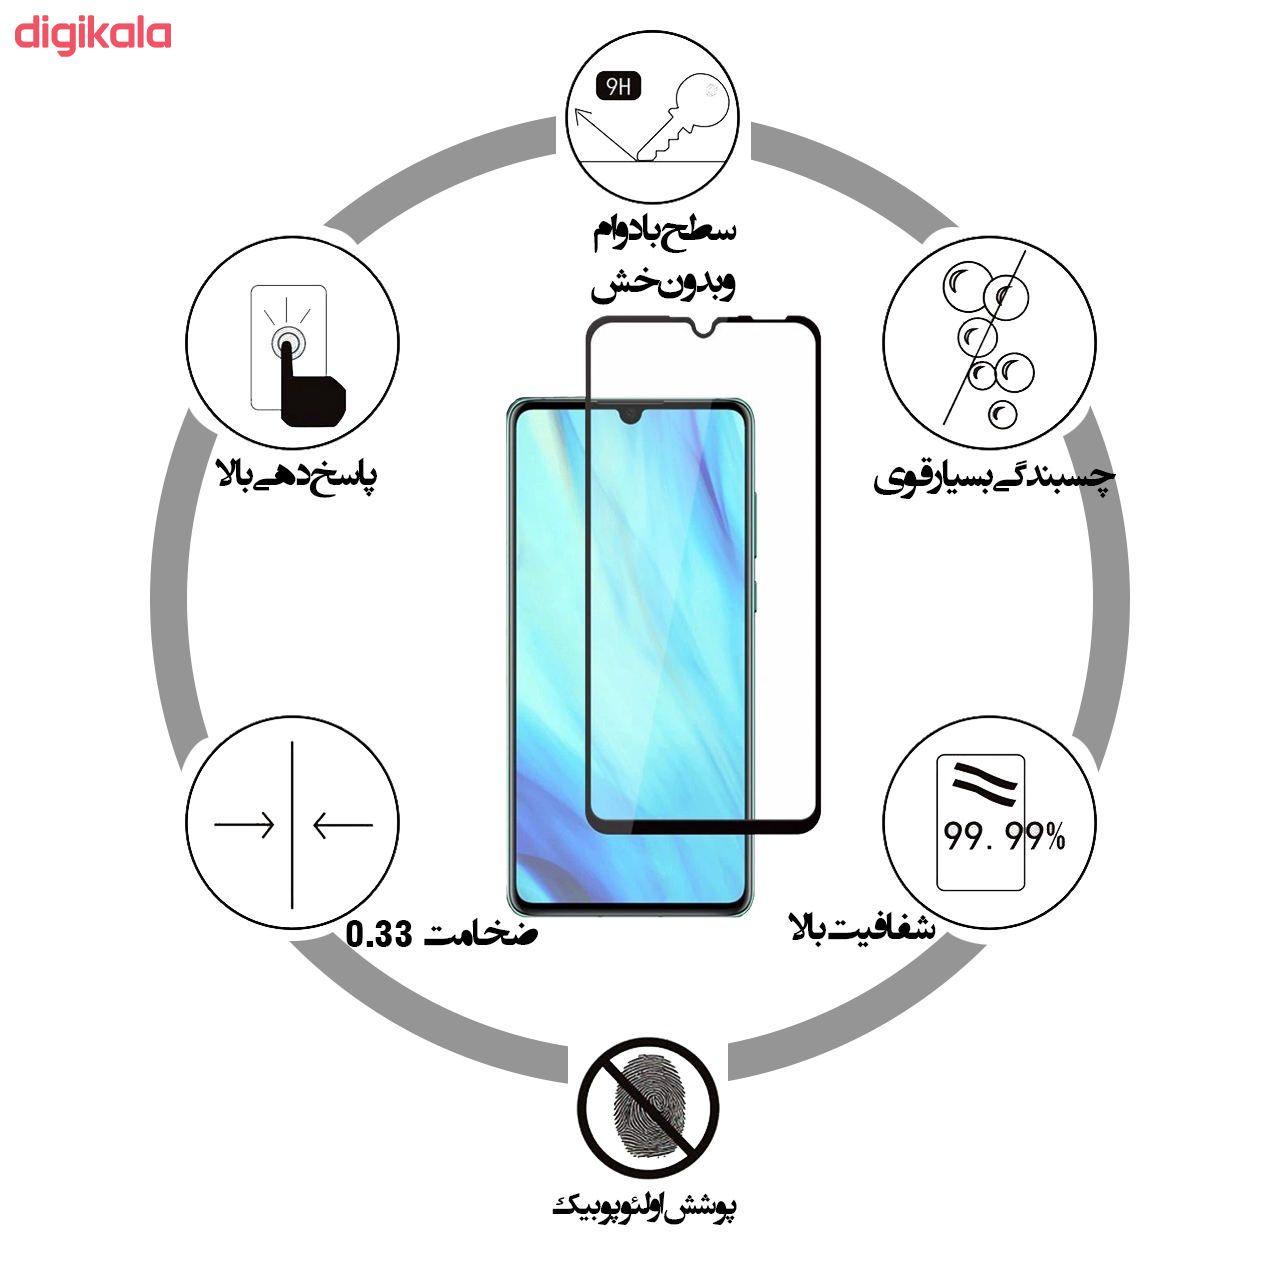 محافظ صفحه نمایش روبیکس مدل SAD-A31 مناسب برای گوشی موبایل سامسونگ Galaxy A31 main 1 5